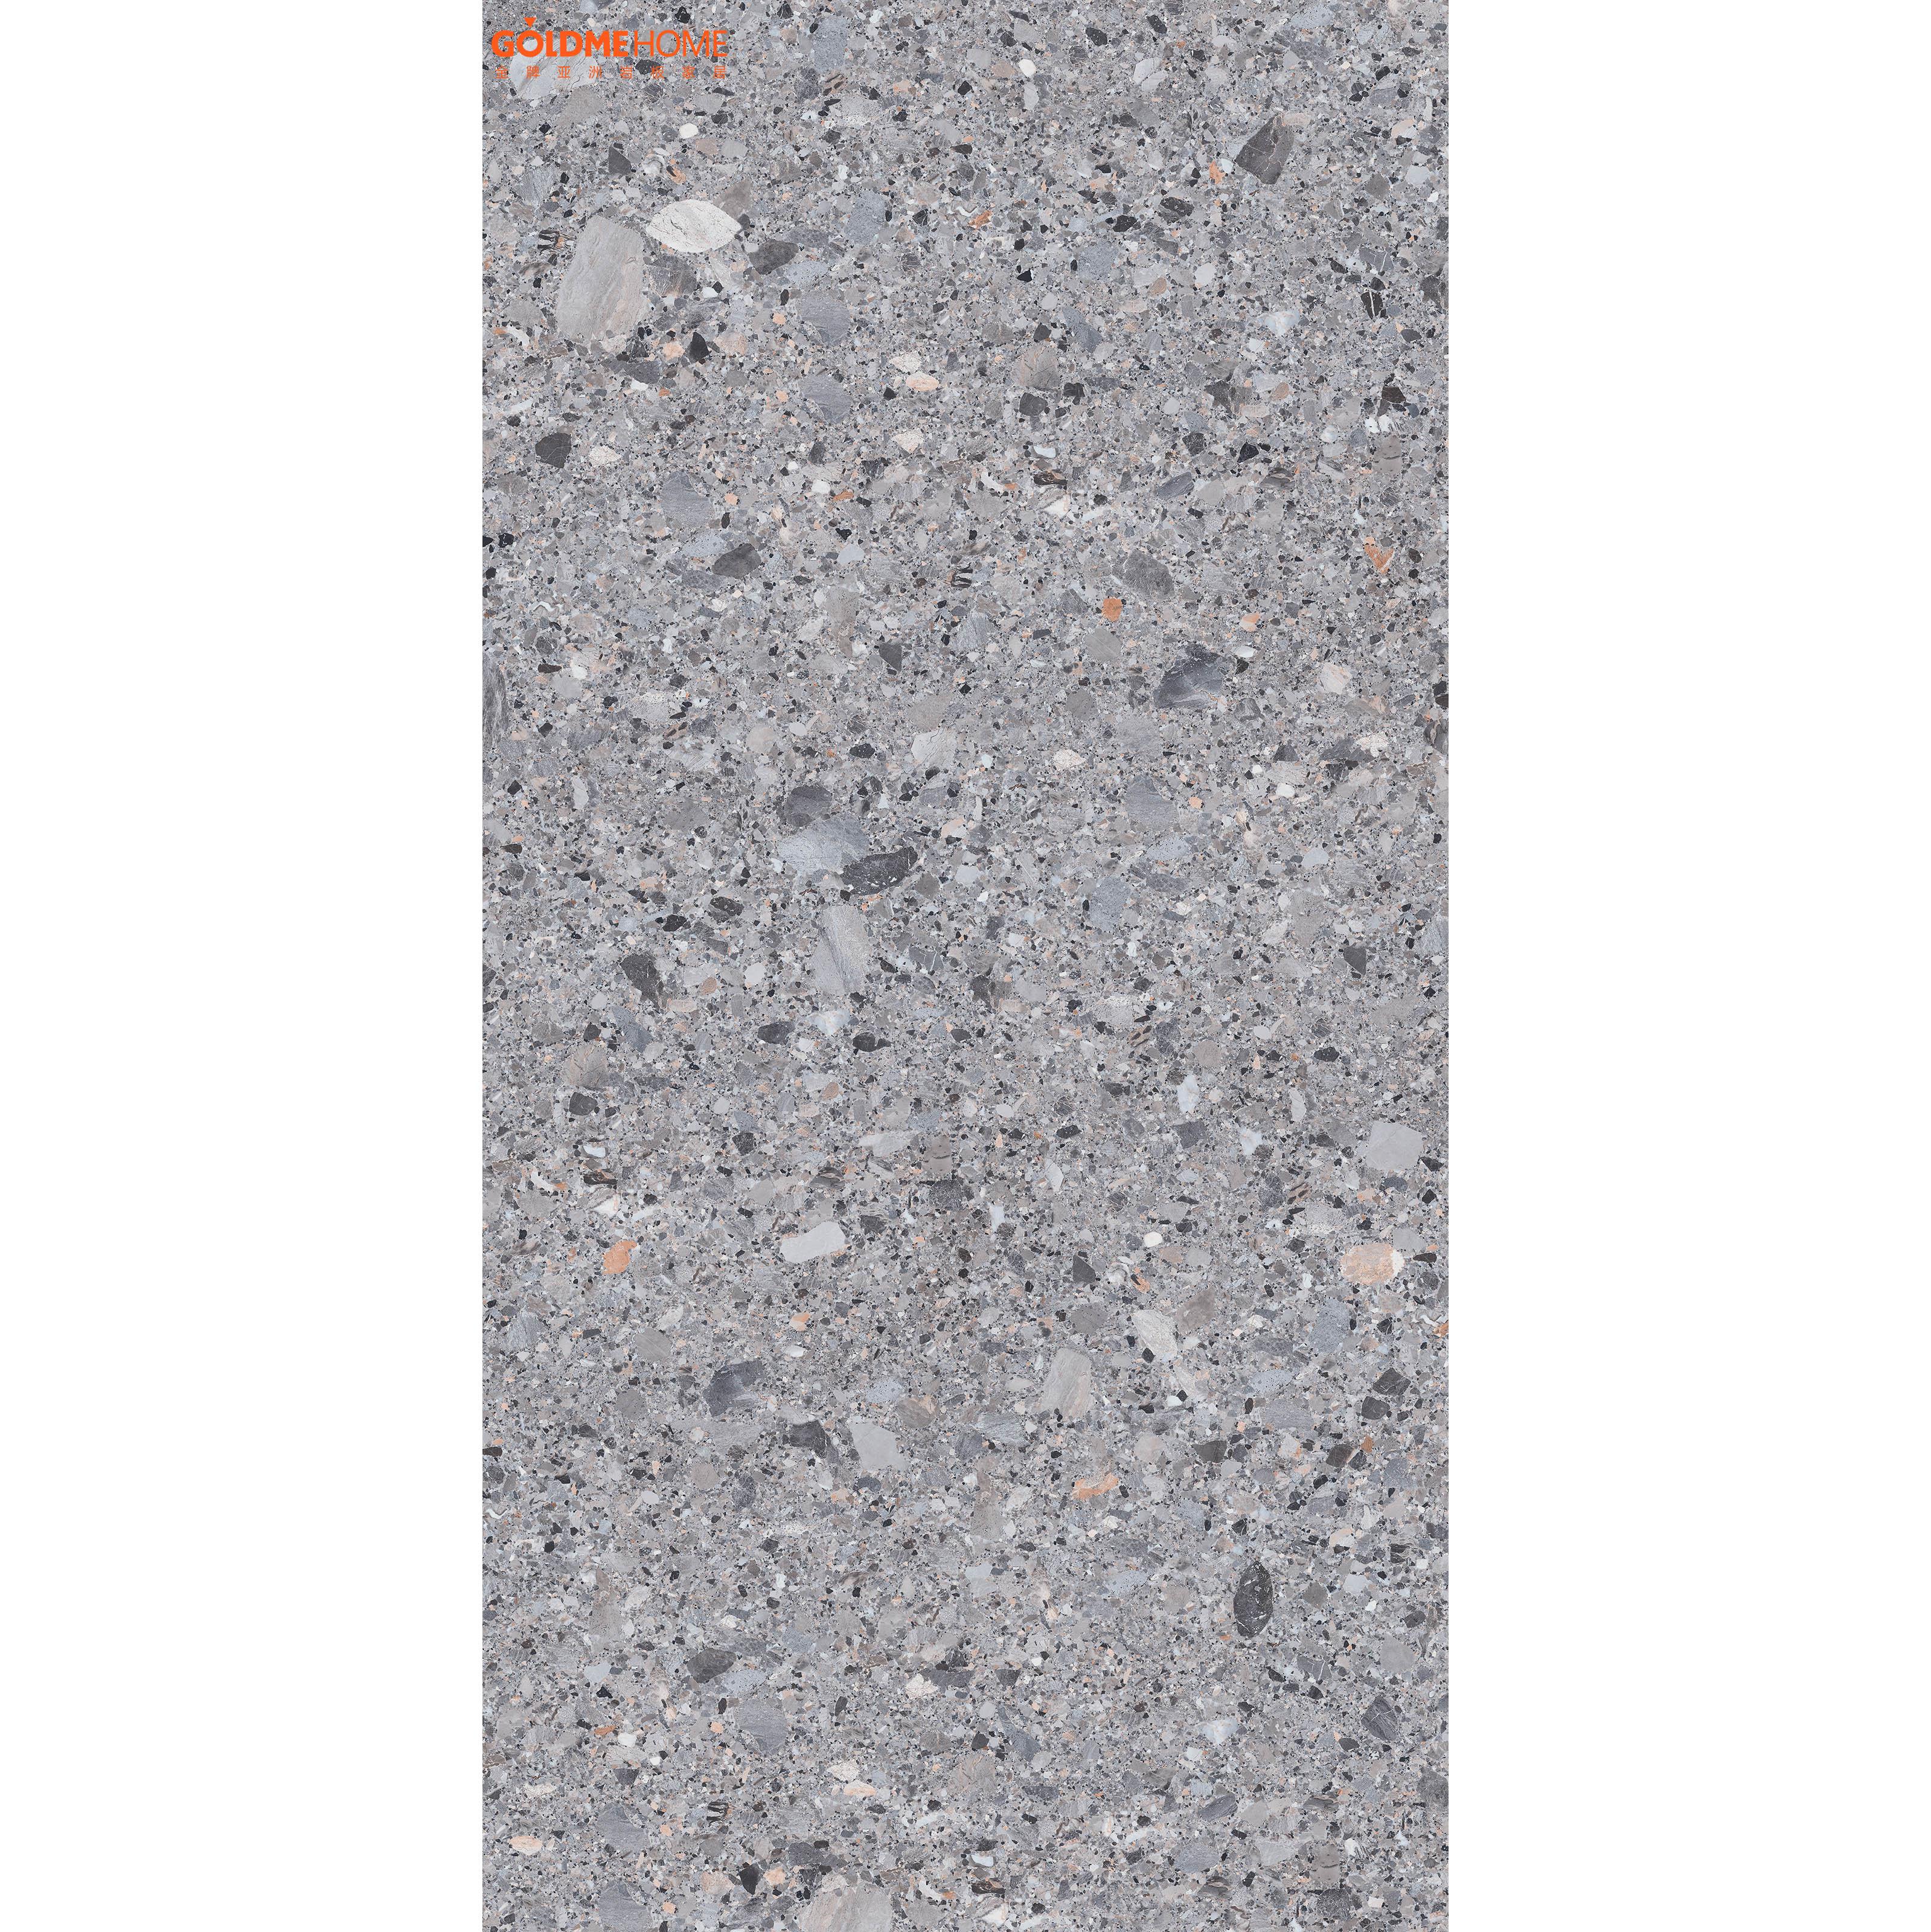 帕克砂石 JC24A158Y2